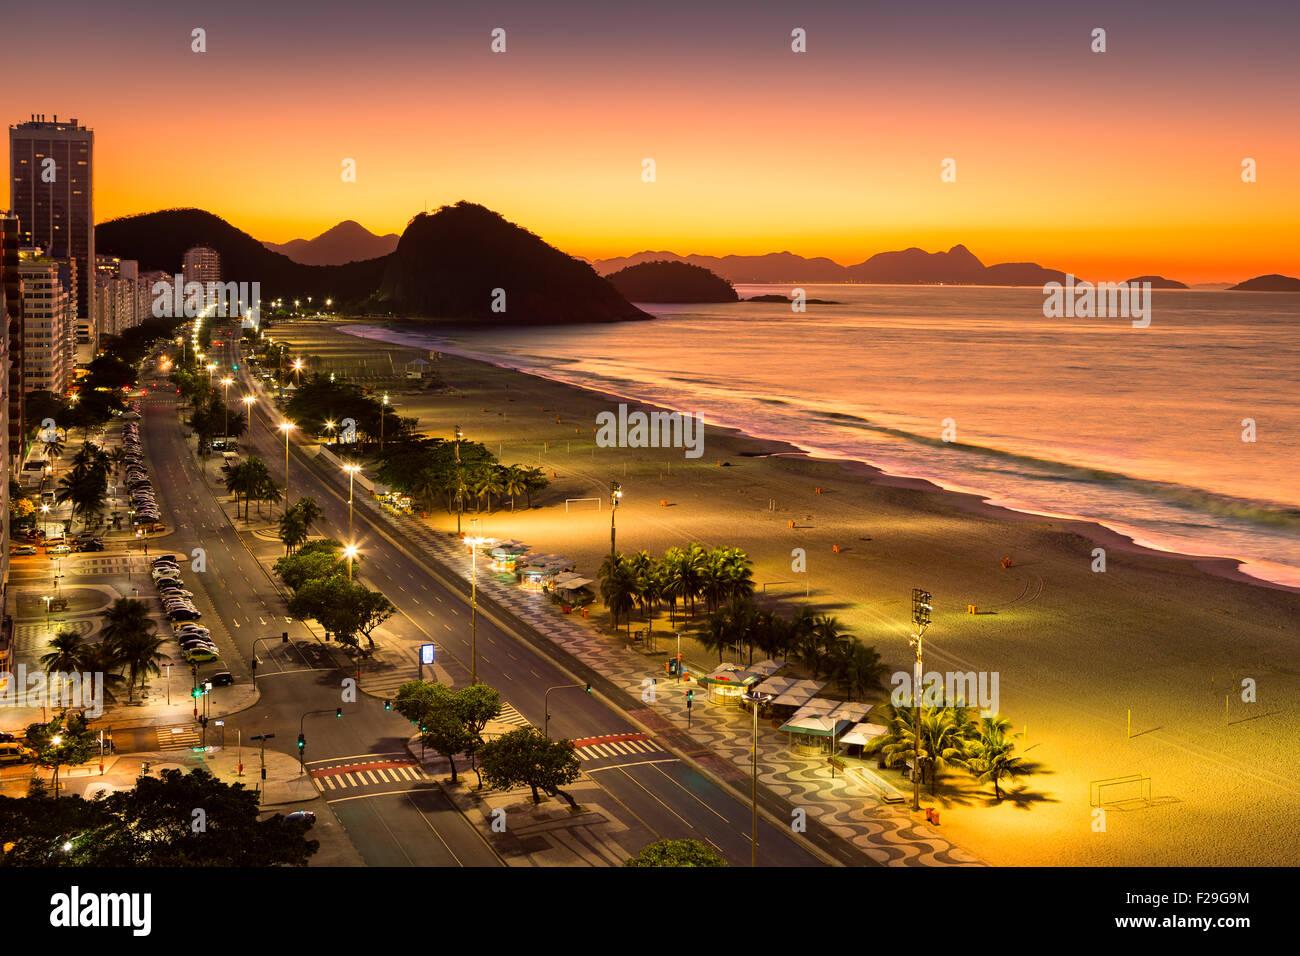 Copacabana Beach at dawn, in Rio de Janeiro, Brazil - Stock Image